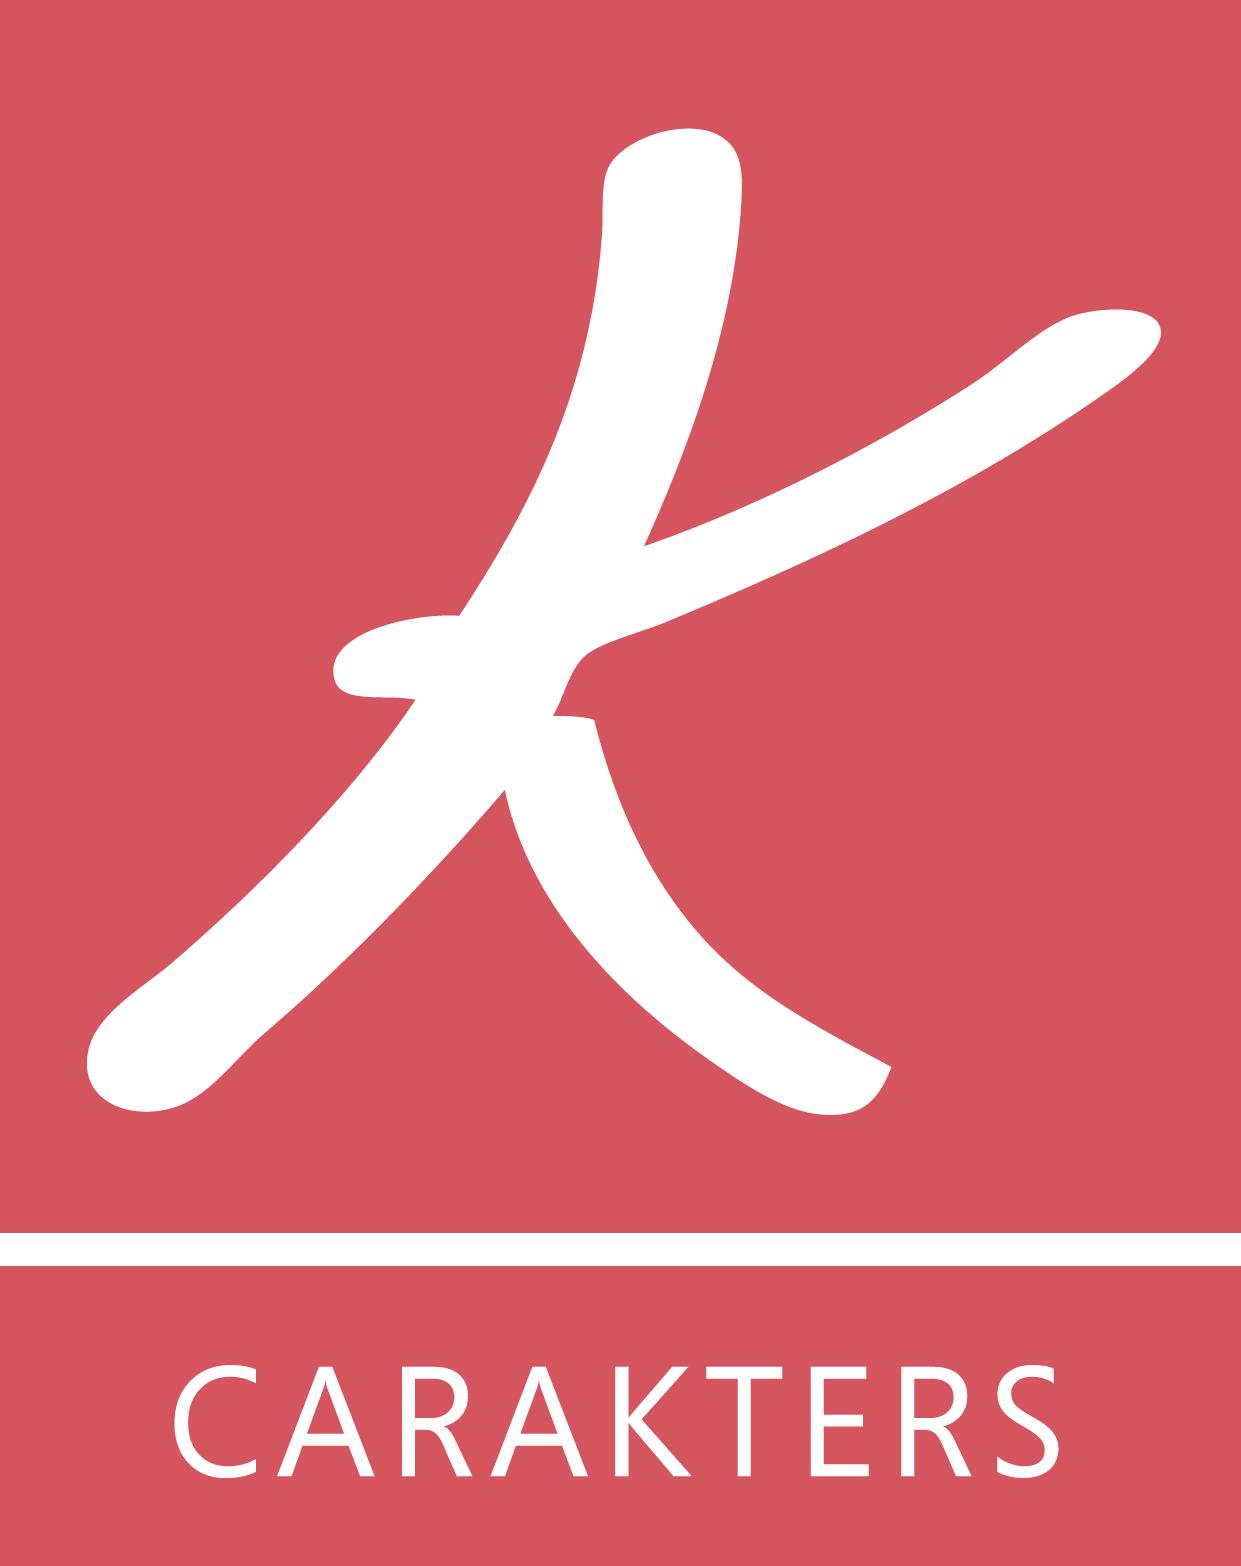 NOUVEAU : CARTOGRAPHIE DES RISQUES CARAKTERS